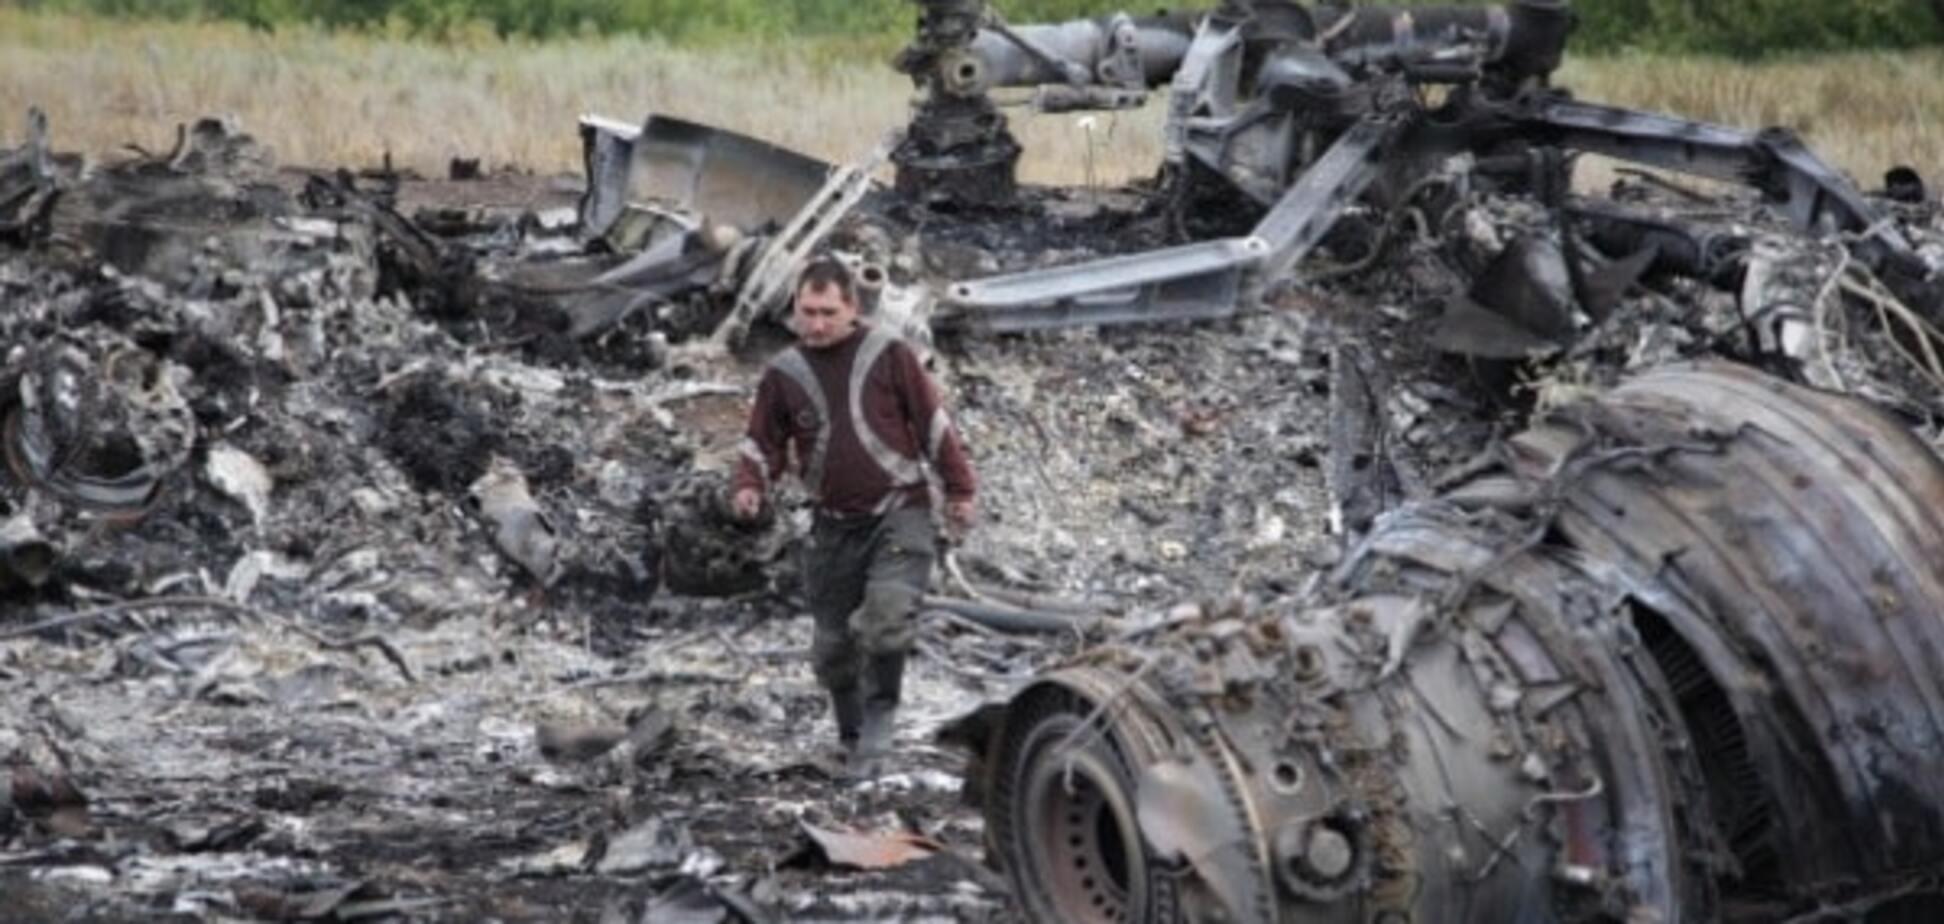 'Убога балаканина': Bellingcat оцінив доповідь Росії про аварію МН17